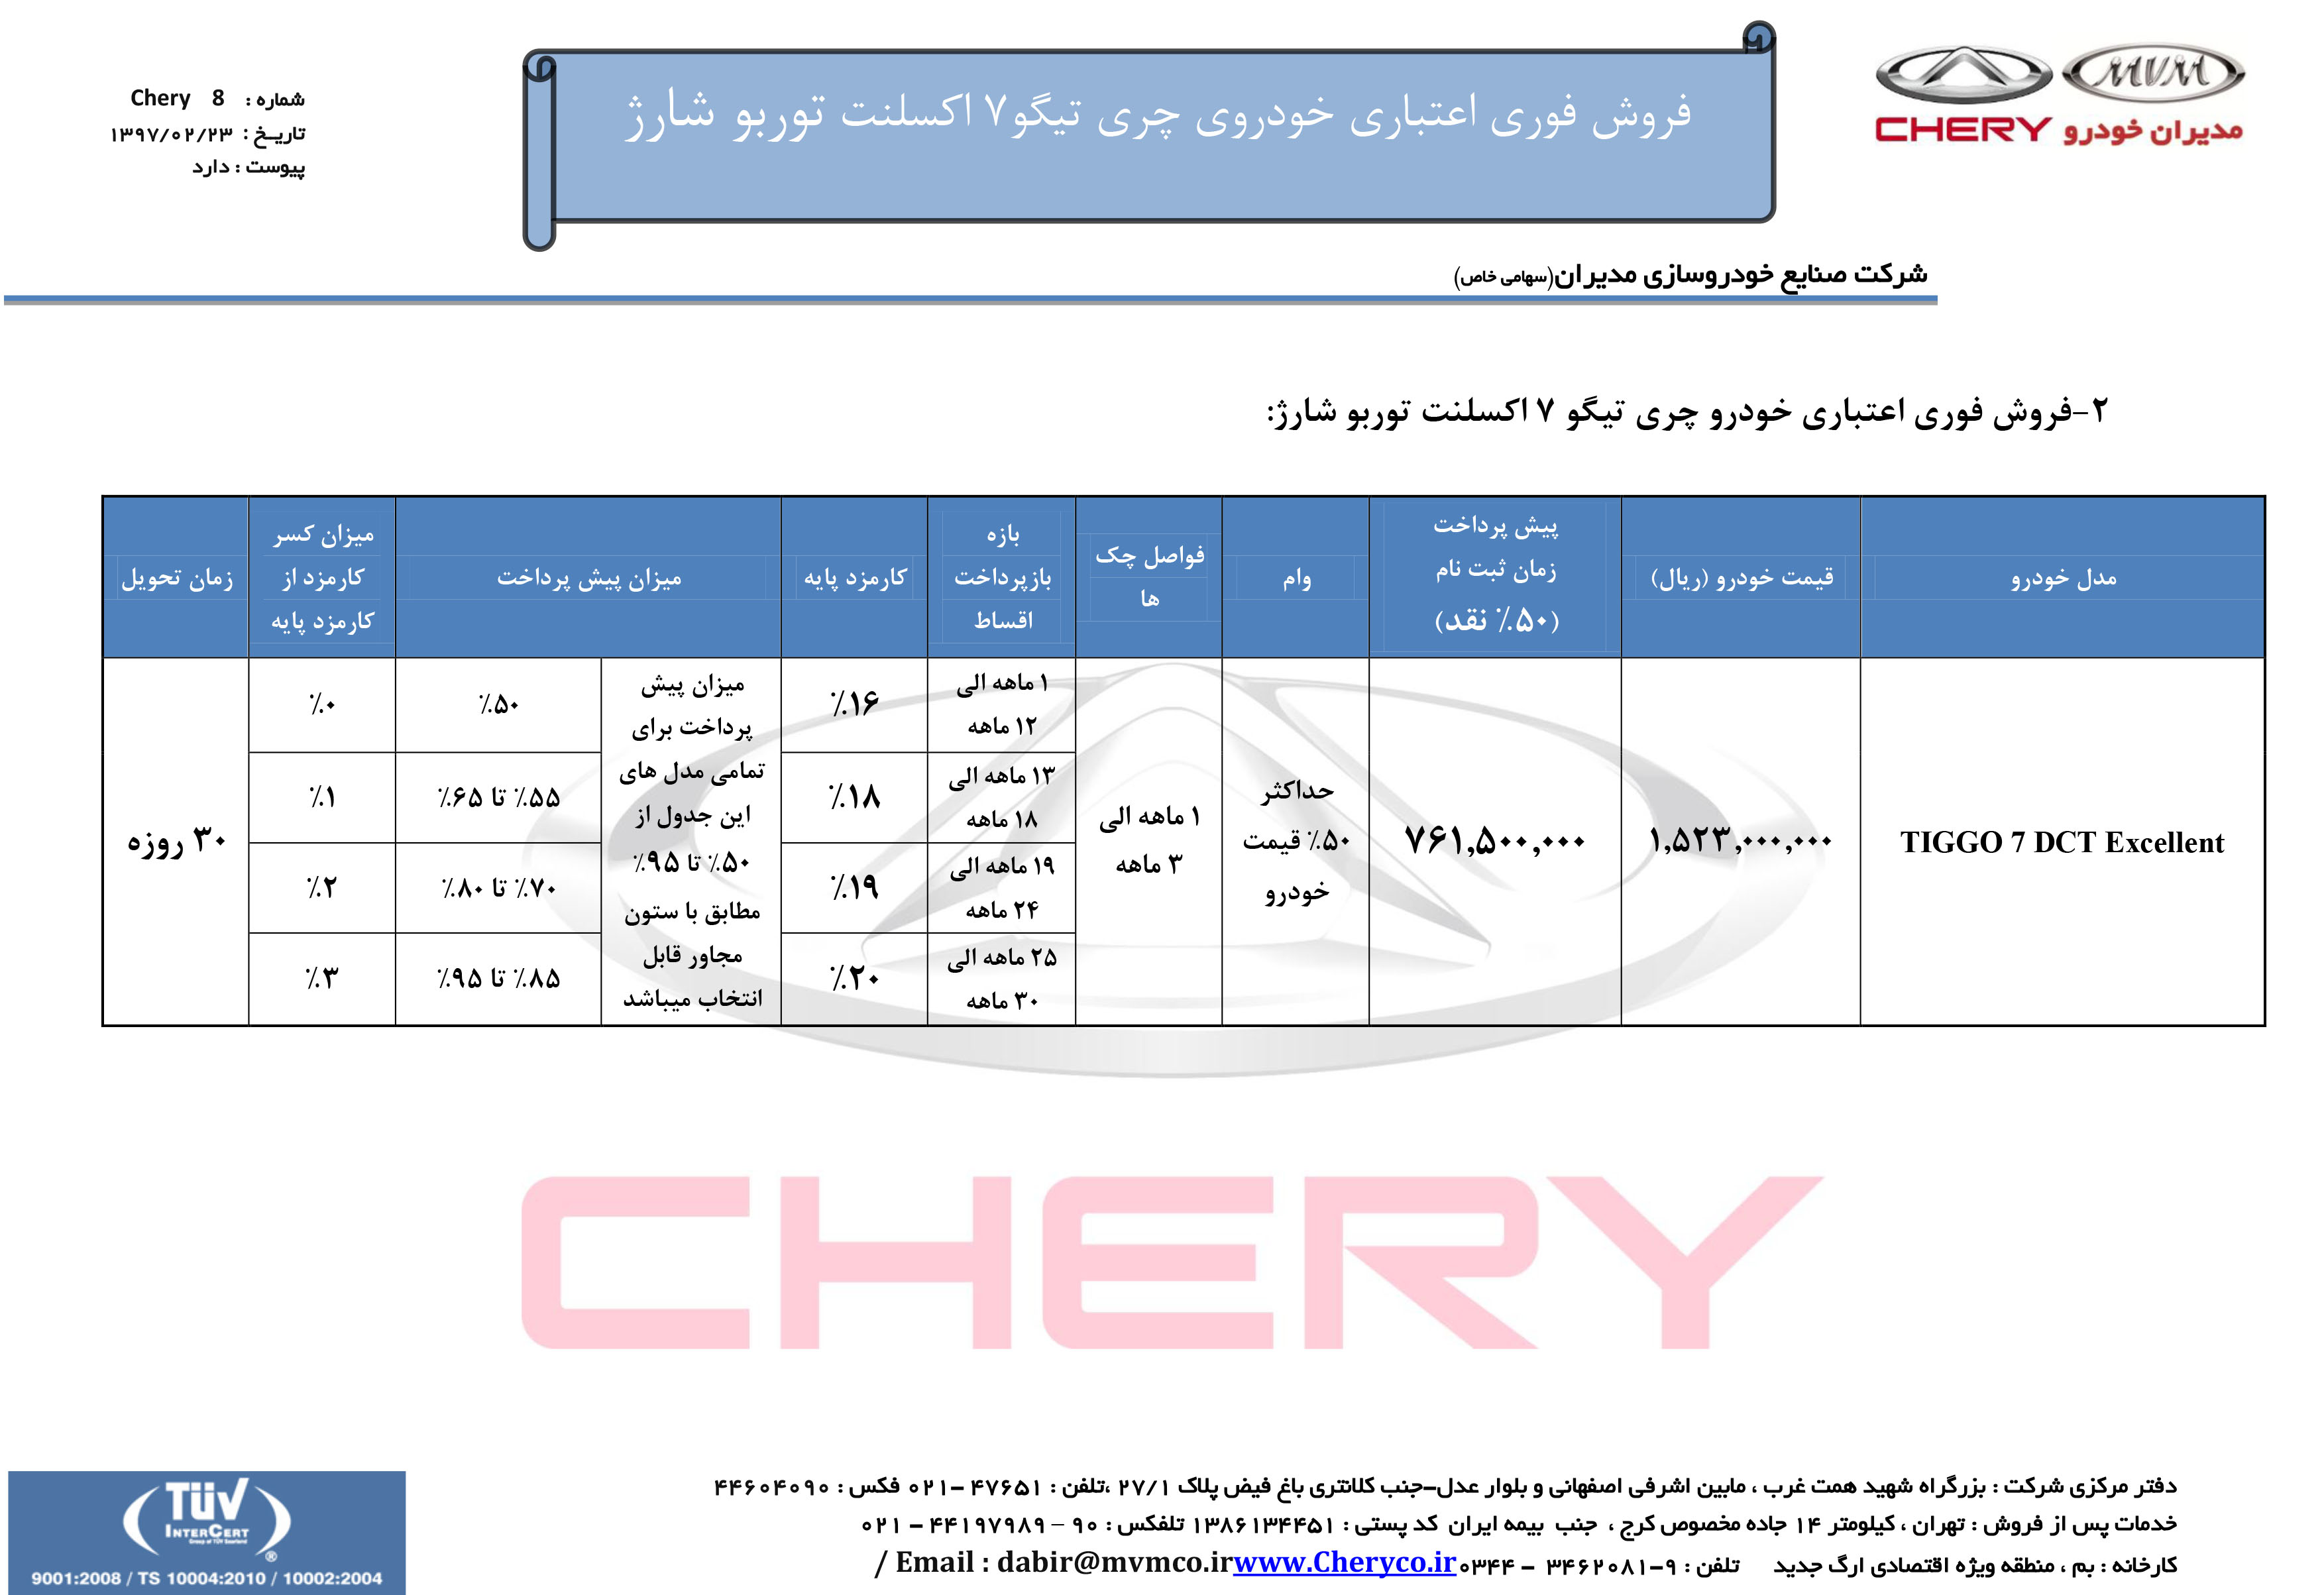 شرایط فروش و قیمت جدید محصولات چری در ایران